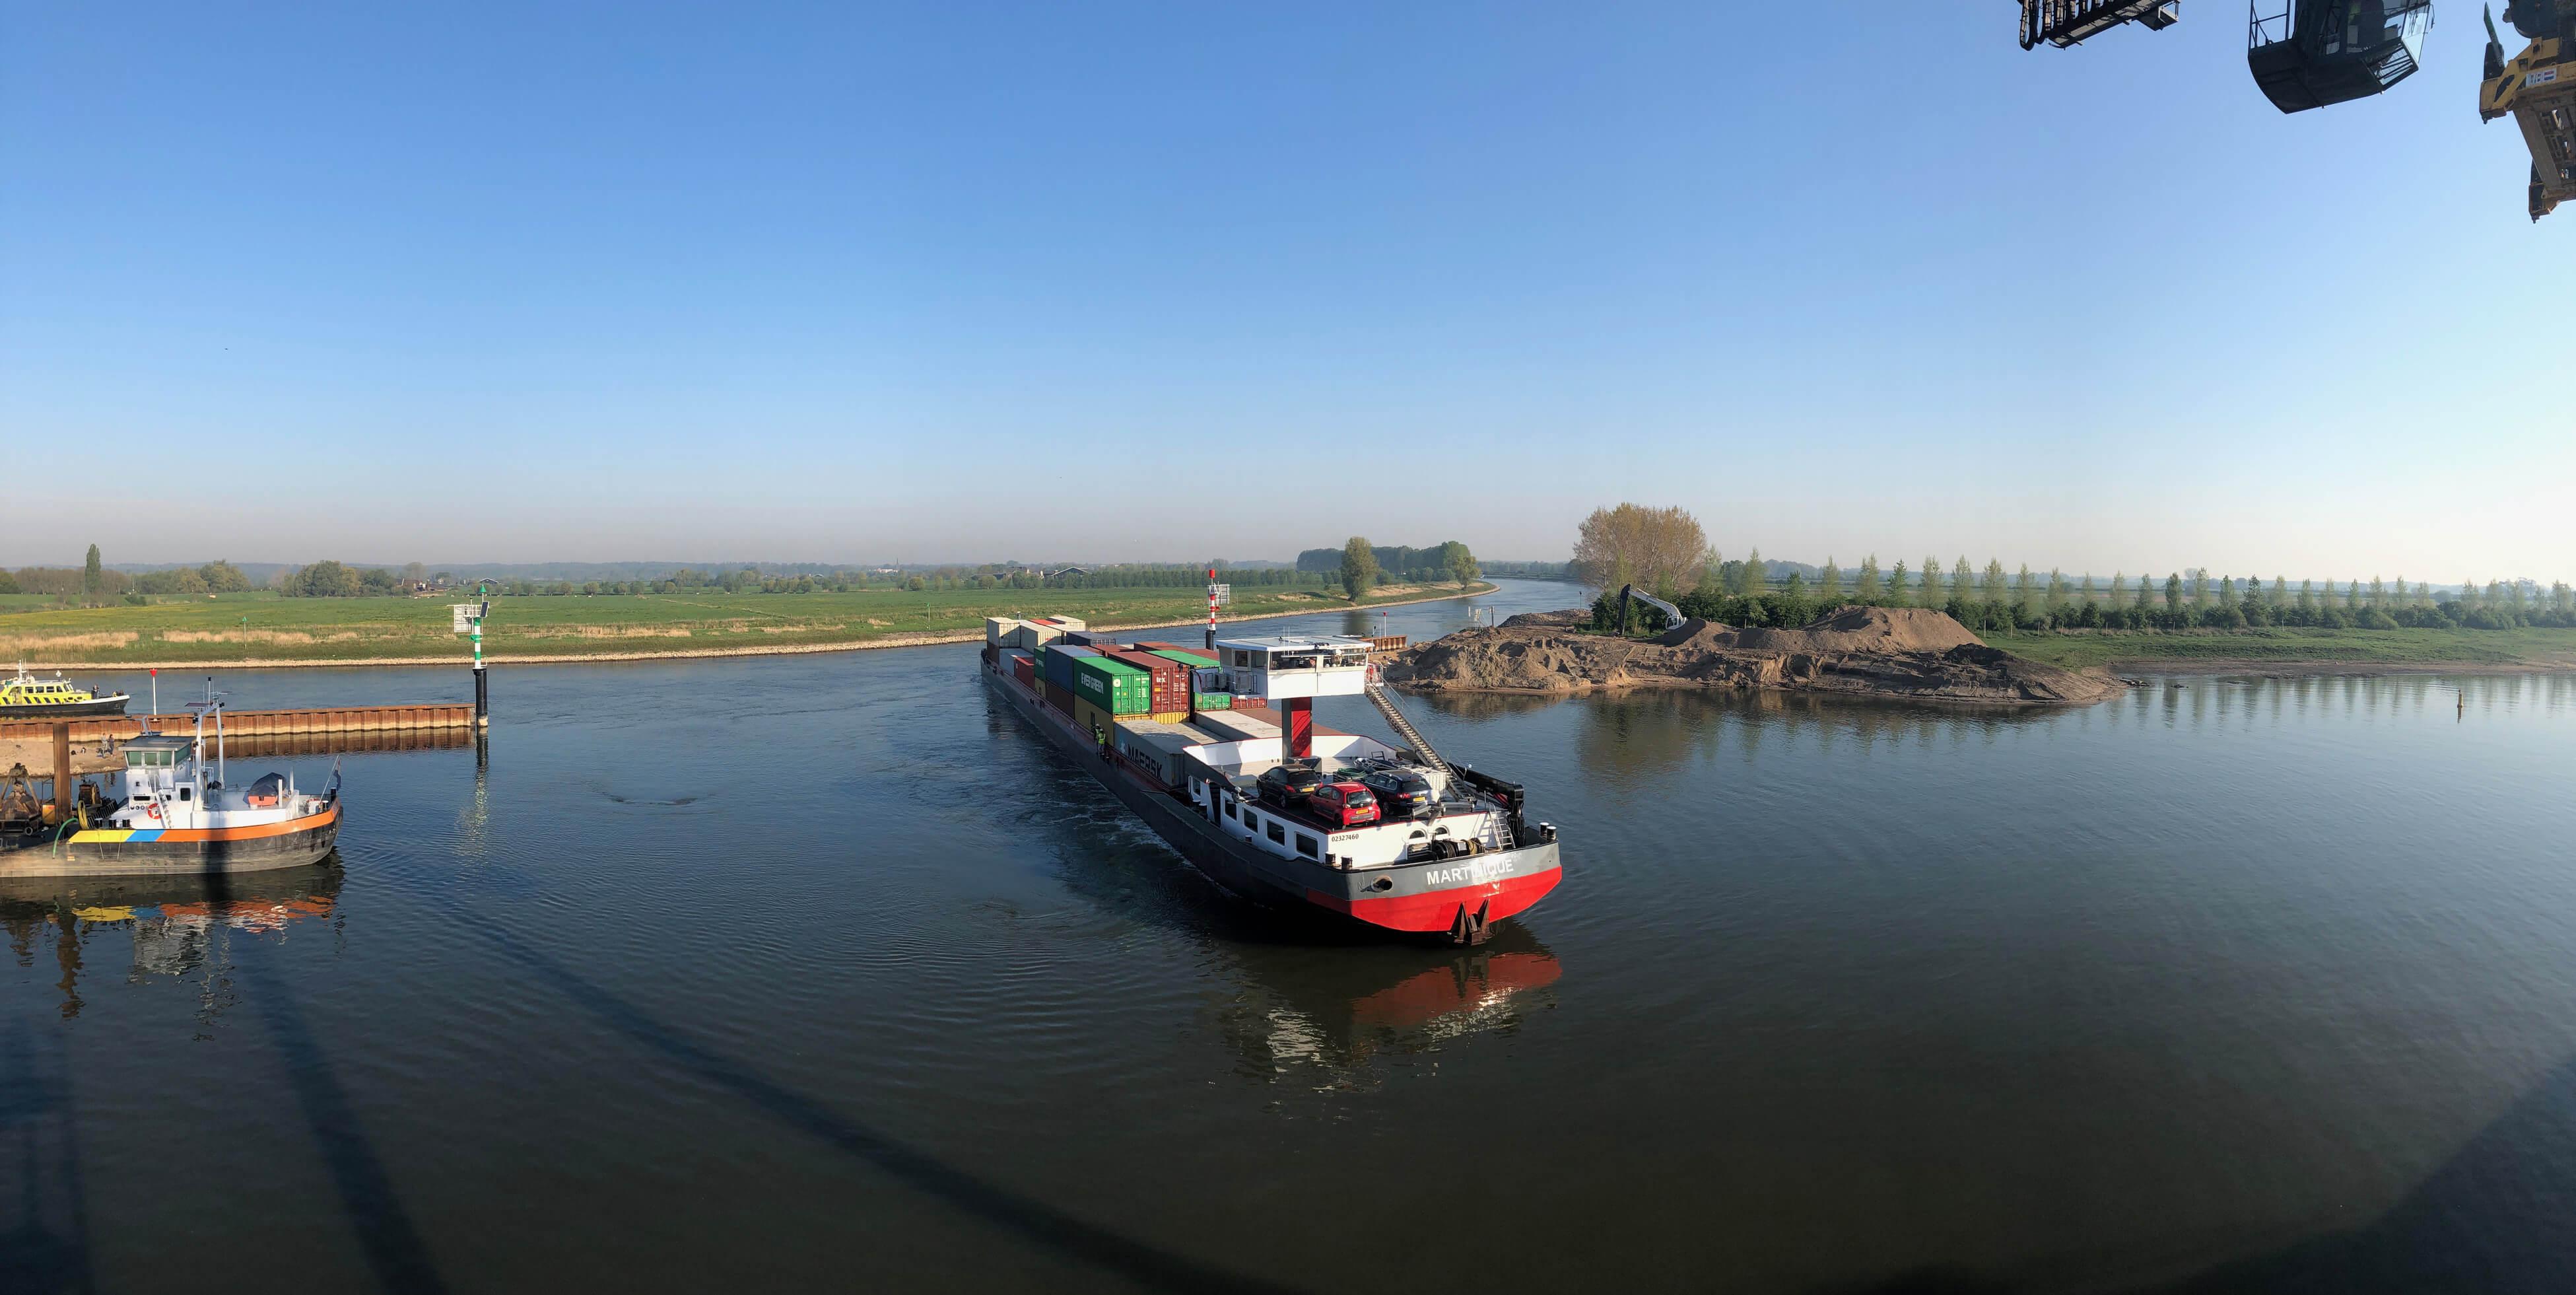 Geslaagde proefvaart met Klasse Va schip bij Container Terminal Doesburg